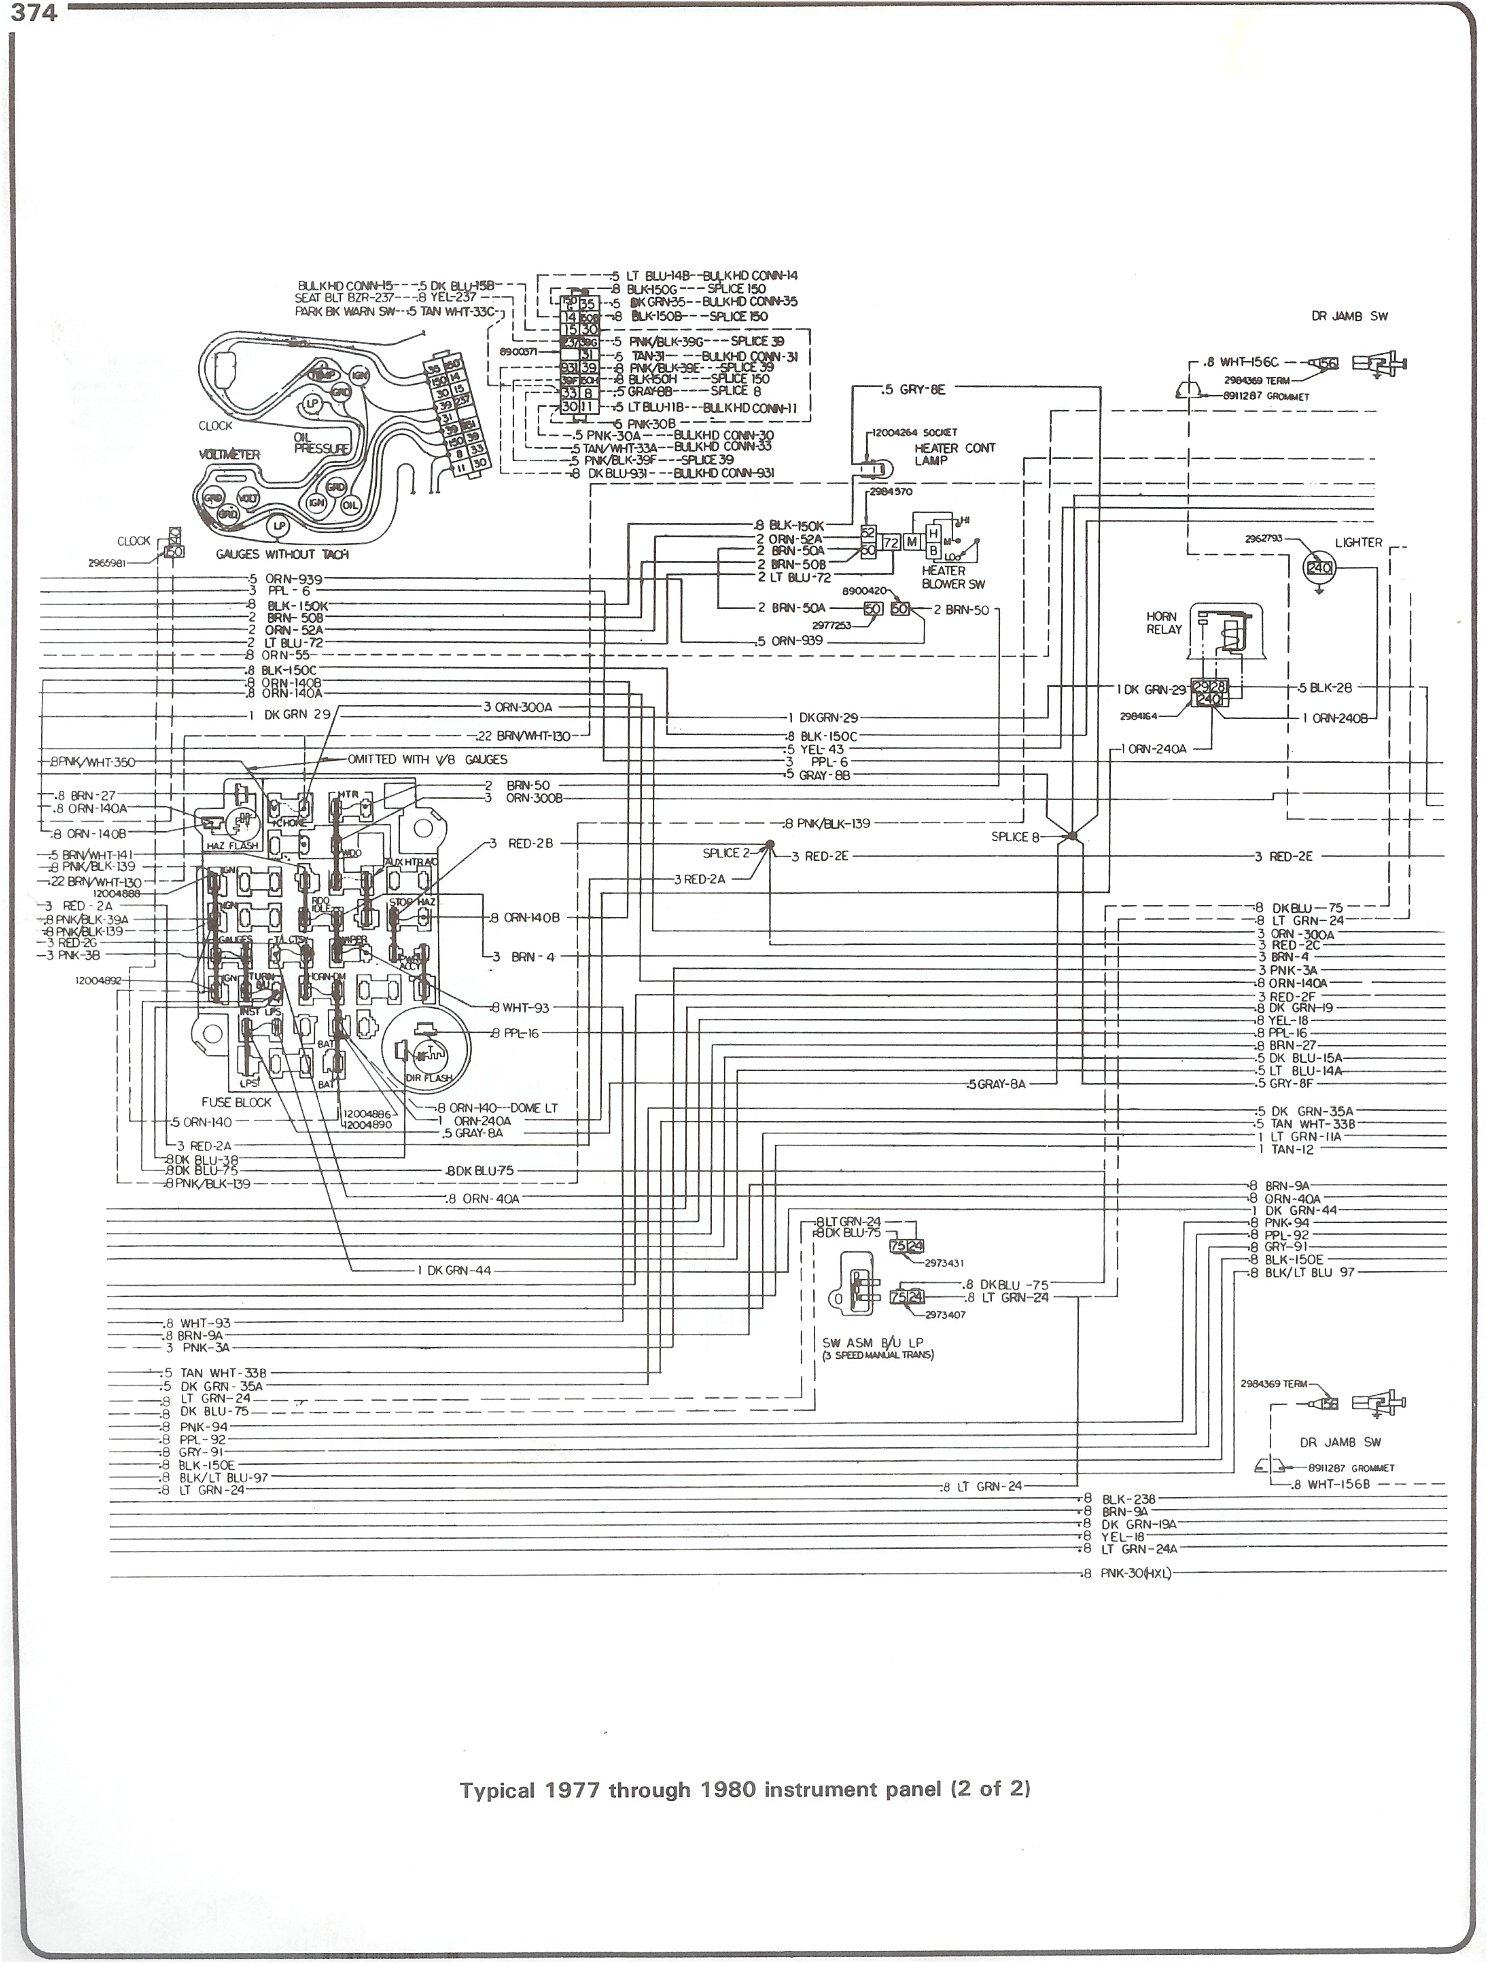 84 K20 Wiring Diagram - 9.xeghaqqt.petportal.info •  Club Car Wiring Diagram on 84 nissan wiring diagram, 84 peterbilt wiring diagram, club car 36v batteries diagram, 84 jeep wiring diagram, 84 chevrolet wiring diagram,